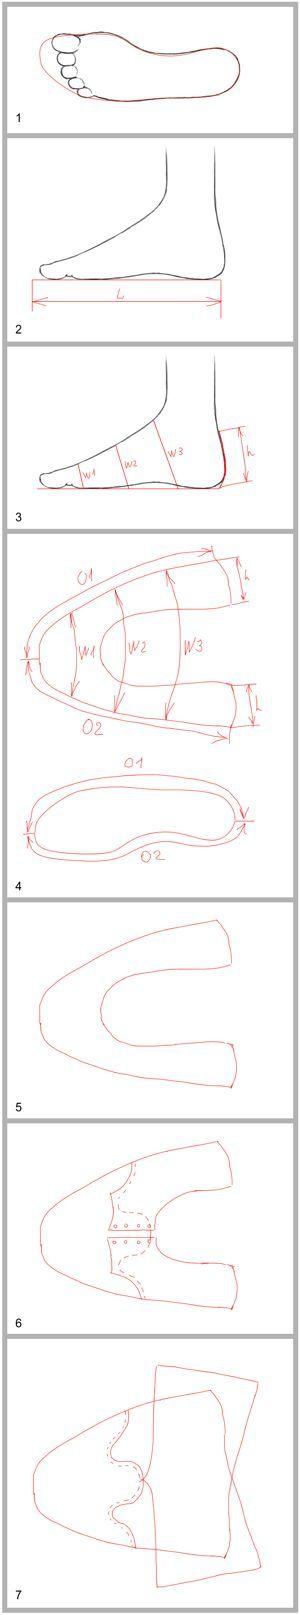 como tomar medidas para ealizar calzados o plantillas